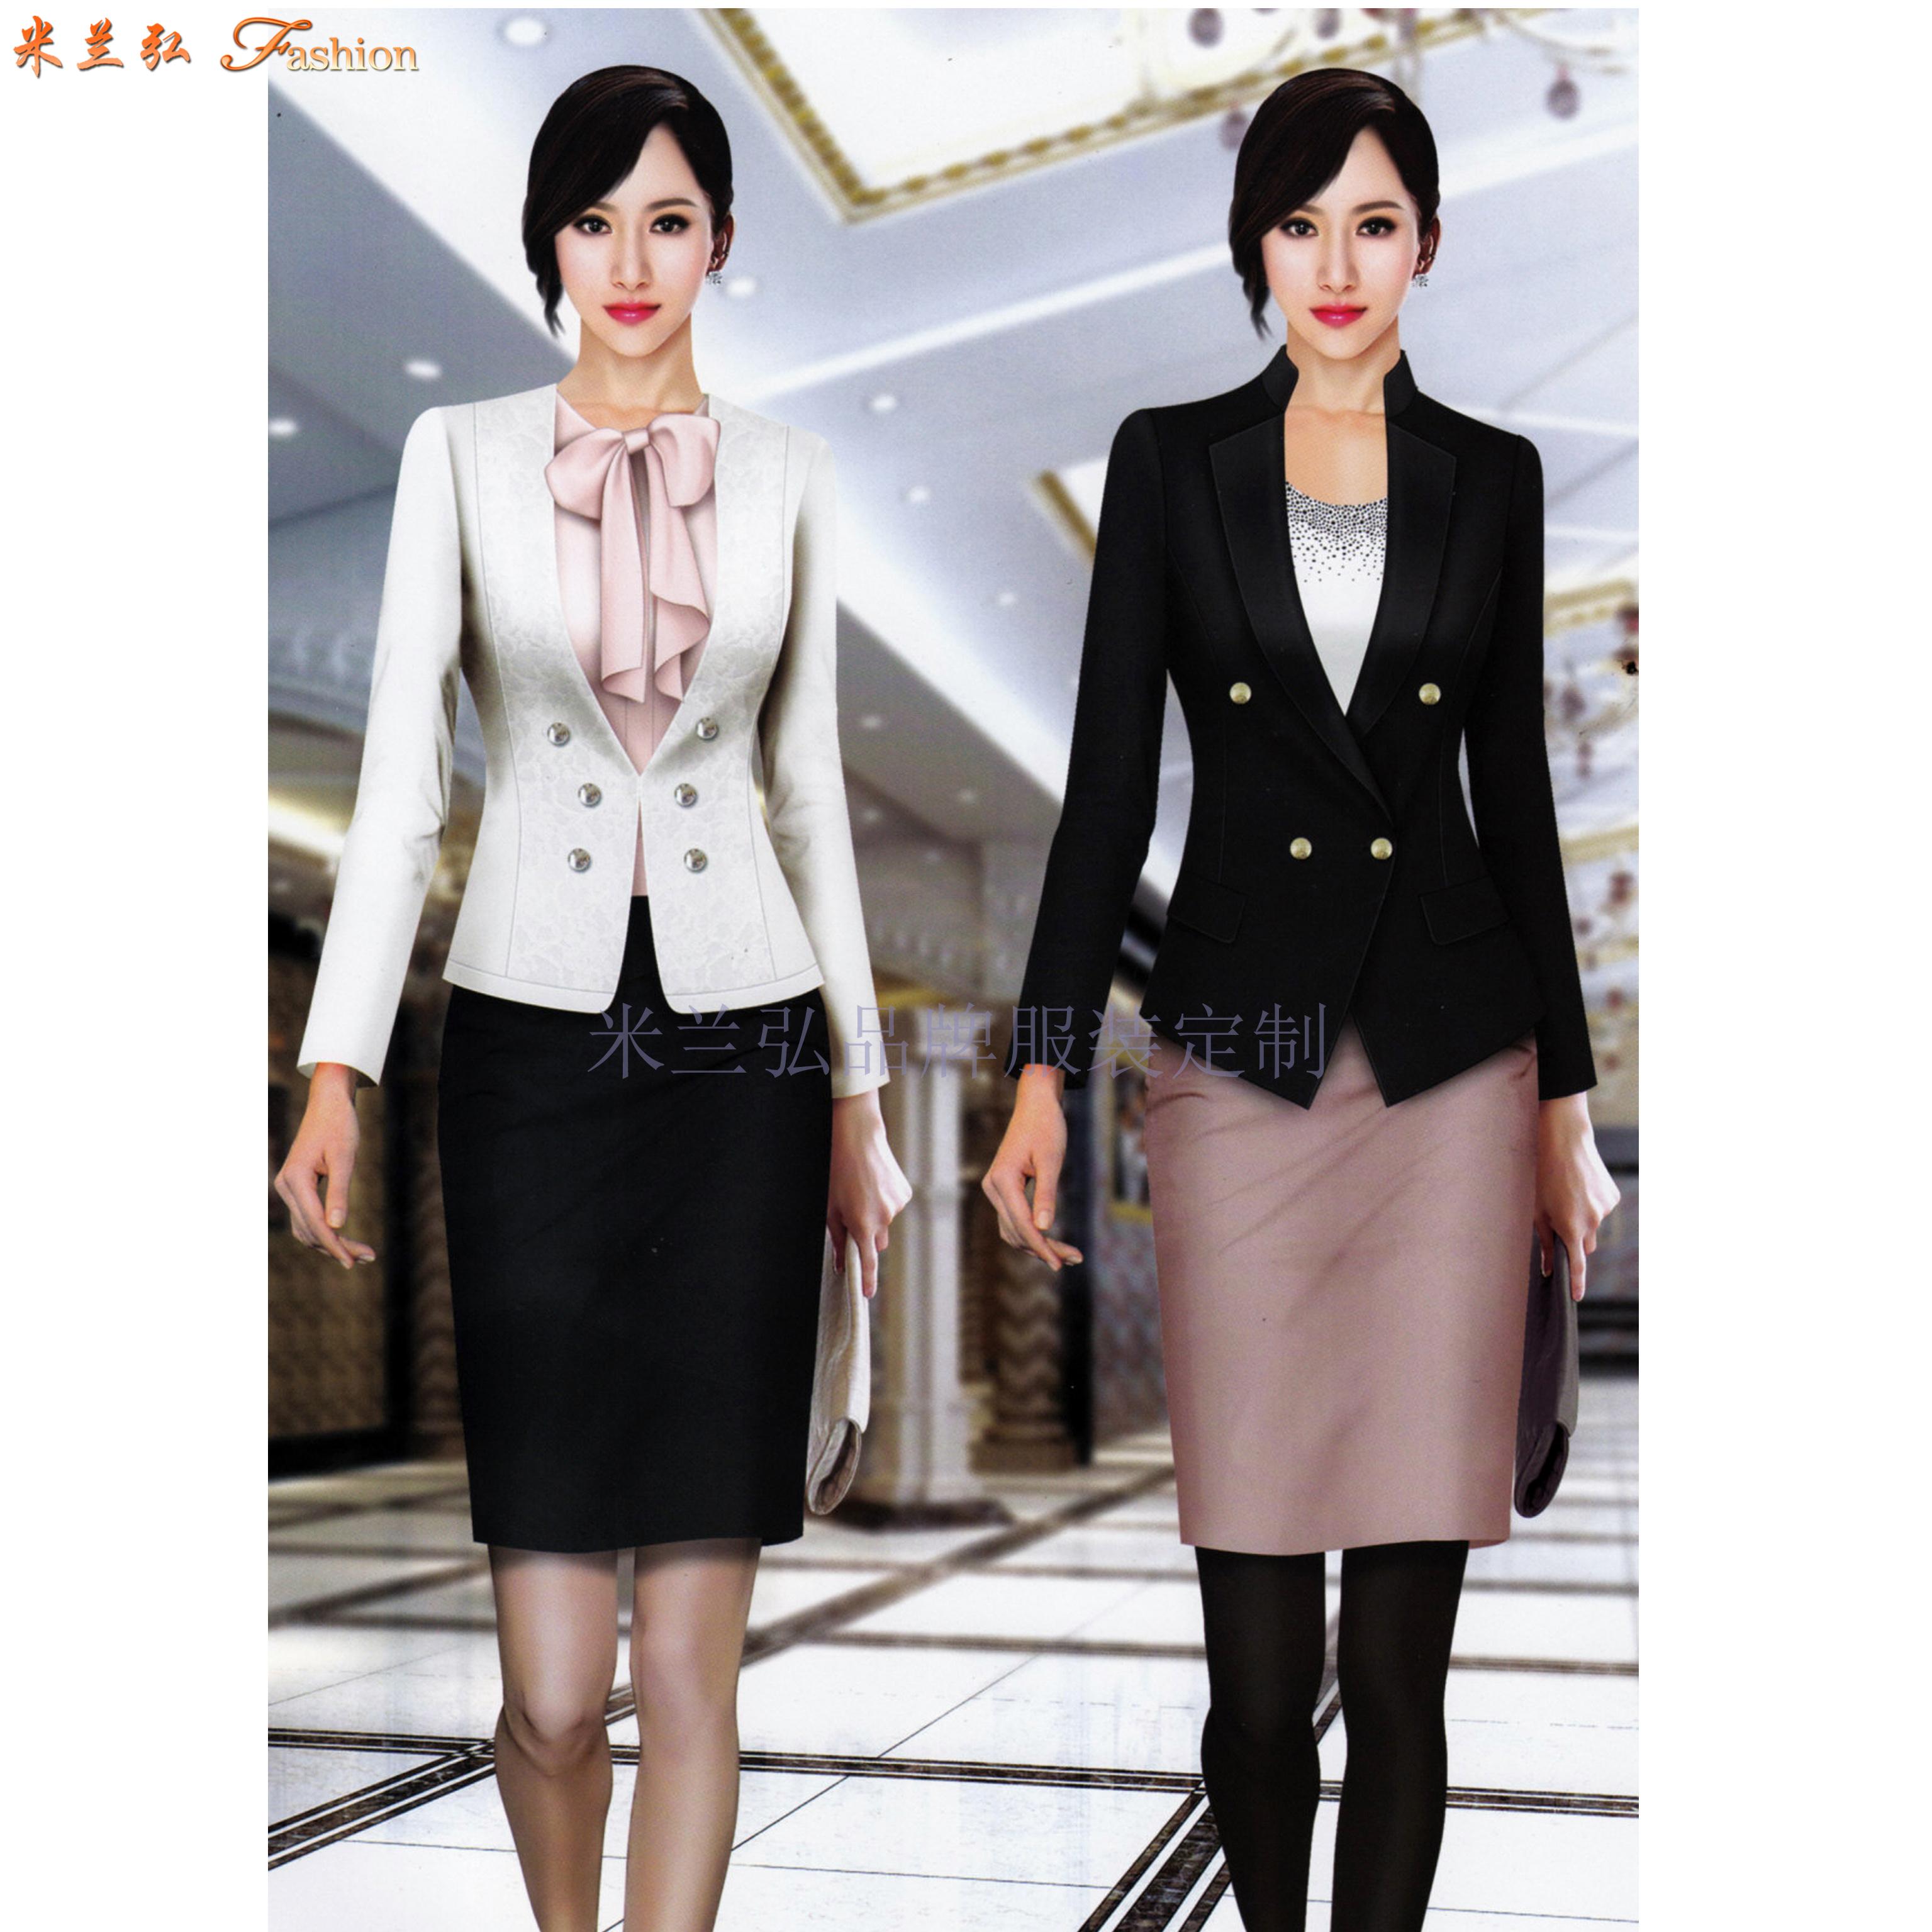 「修身女西服」采購批發市場優質女士西服價格品牌廠商_米蘭弘-5